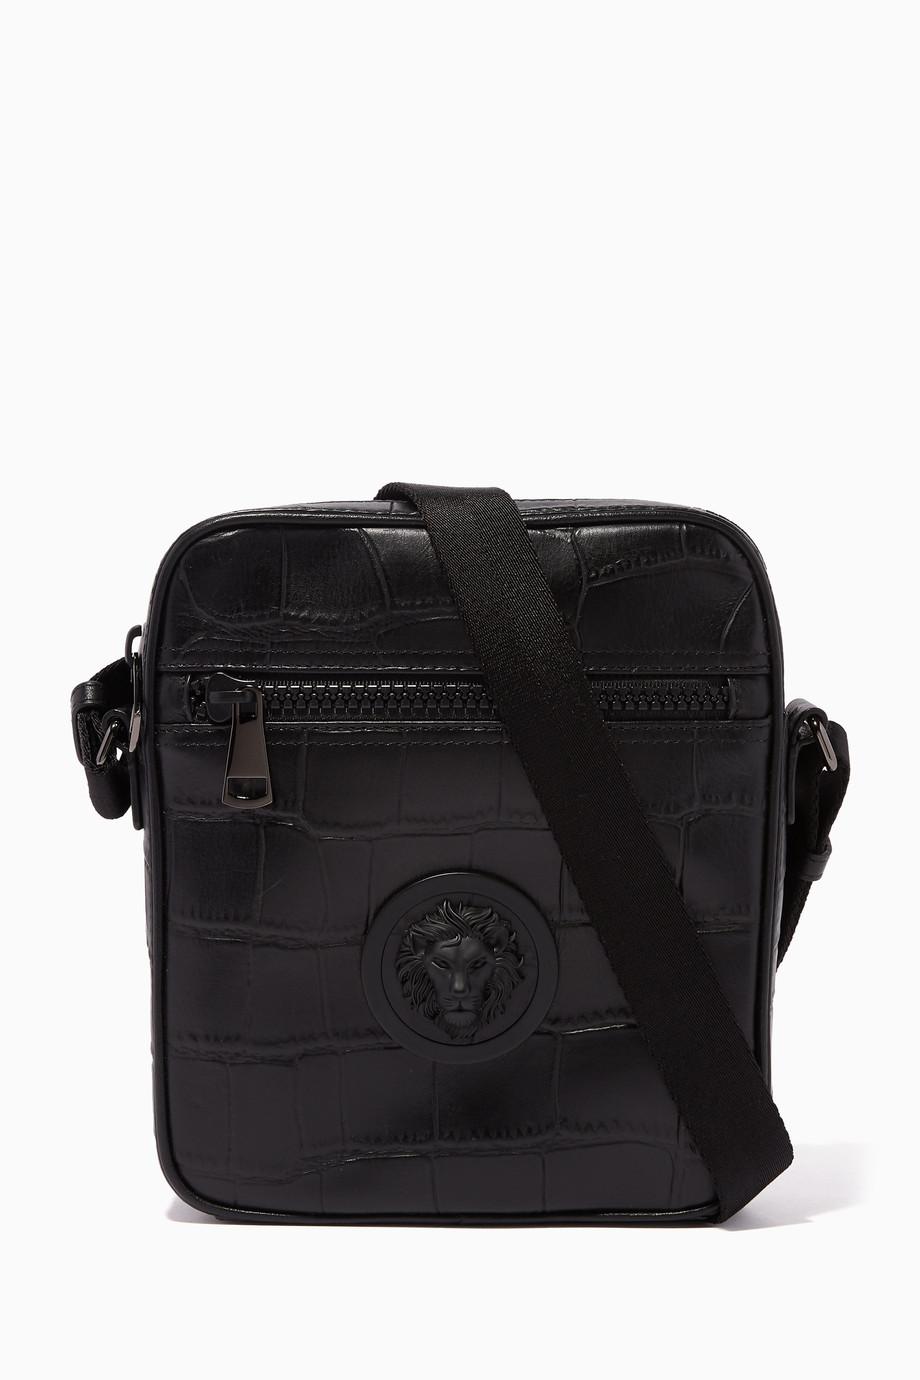 4569bd13 Shop Versus Versace Black Black Leather Lion Head Croc-Effect ...